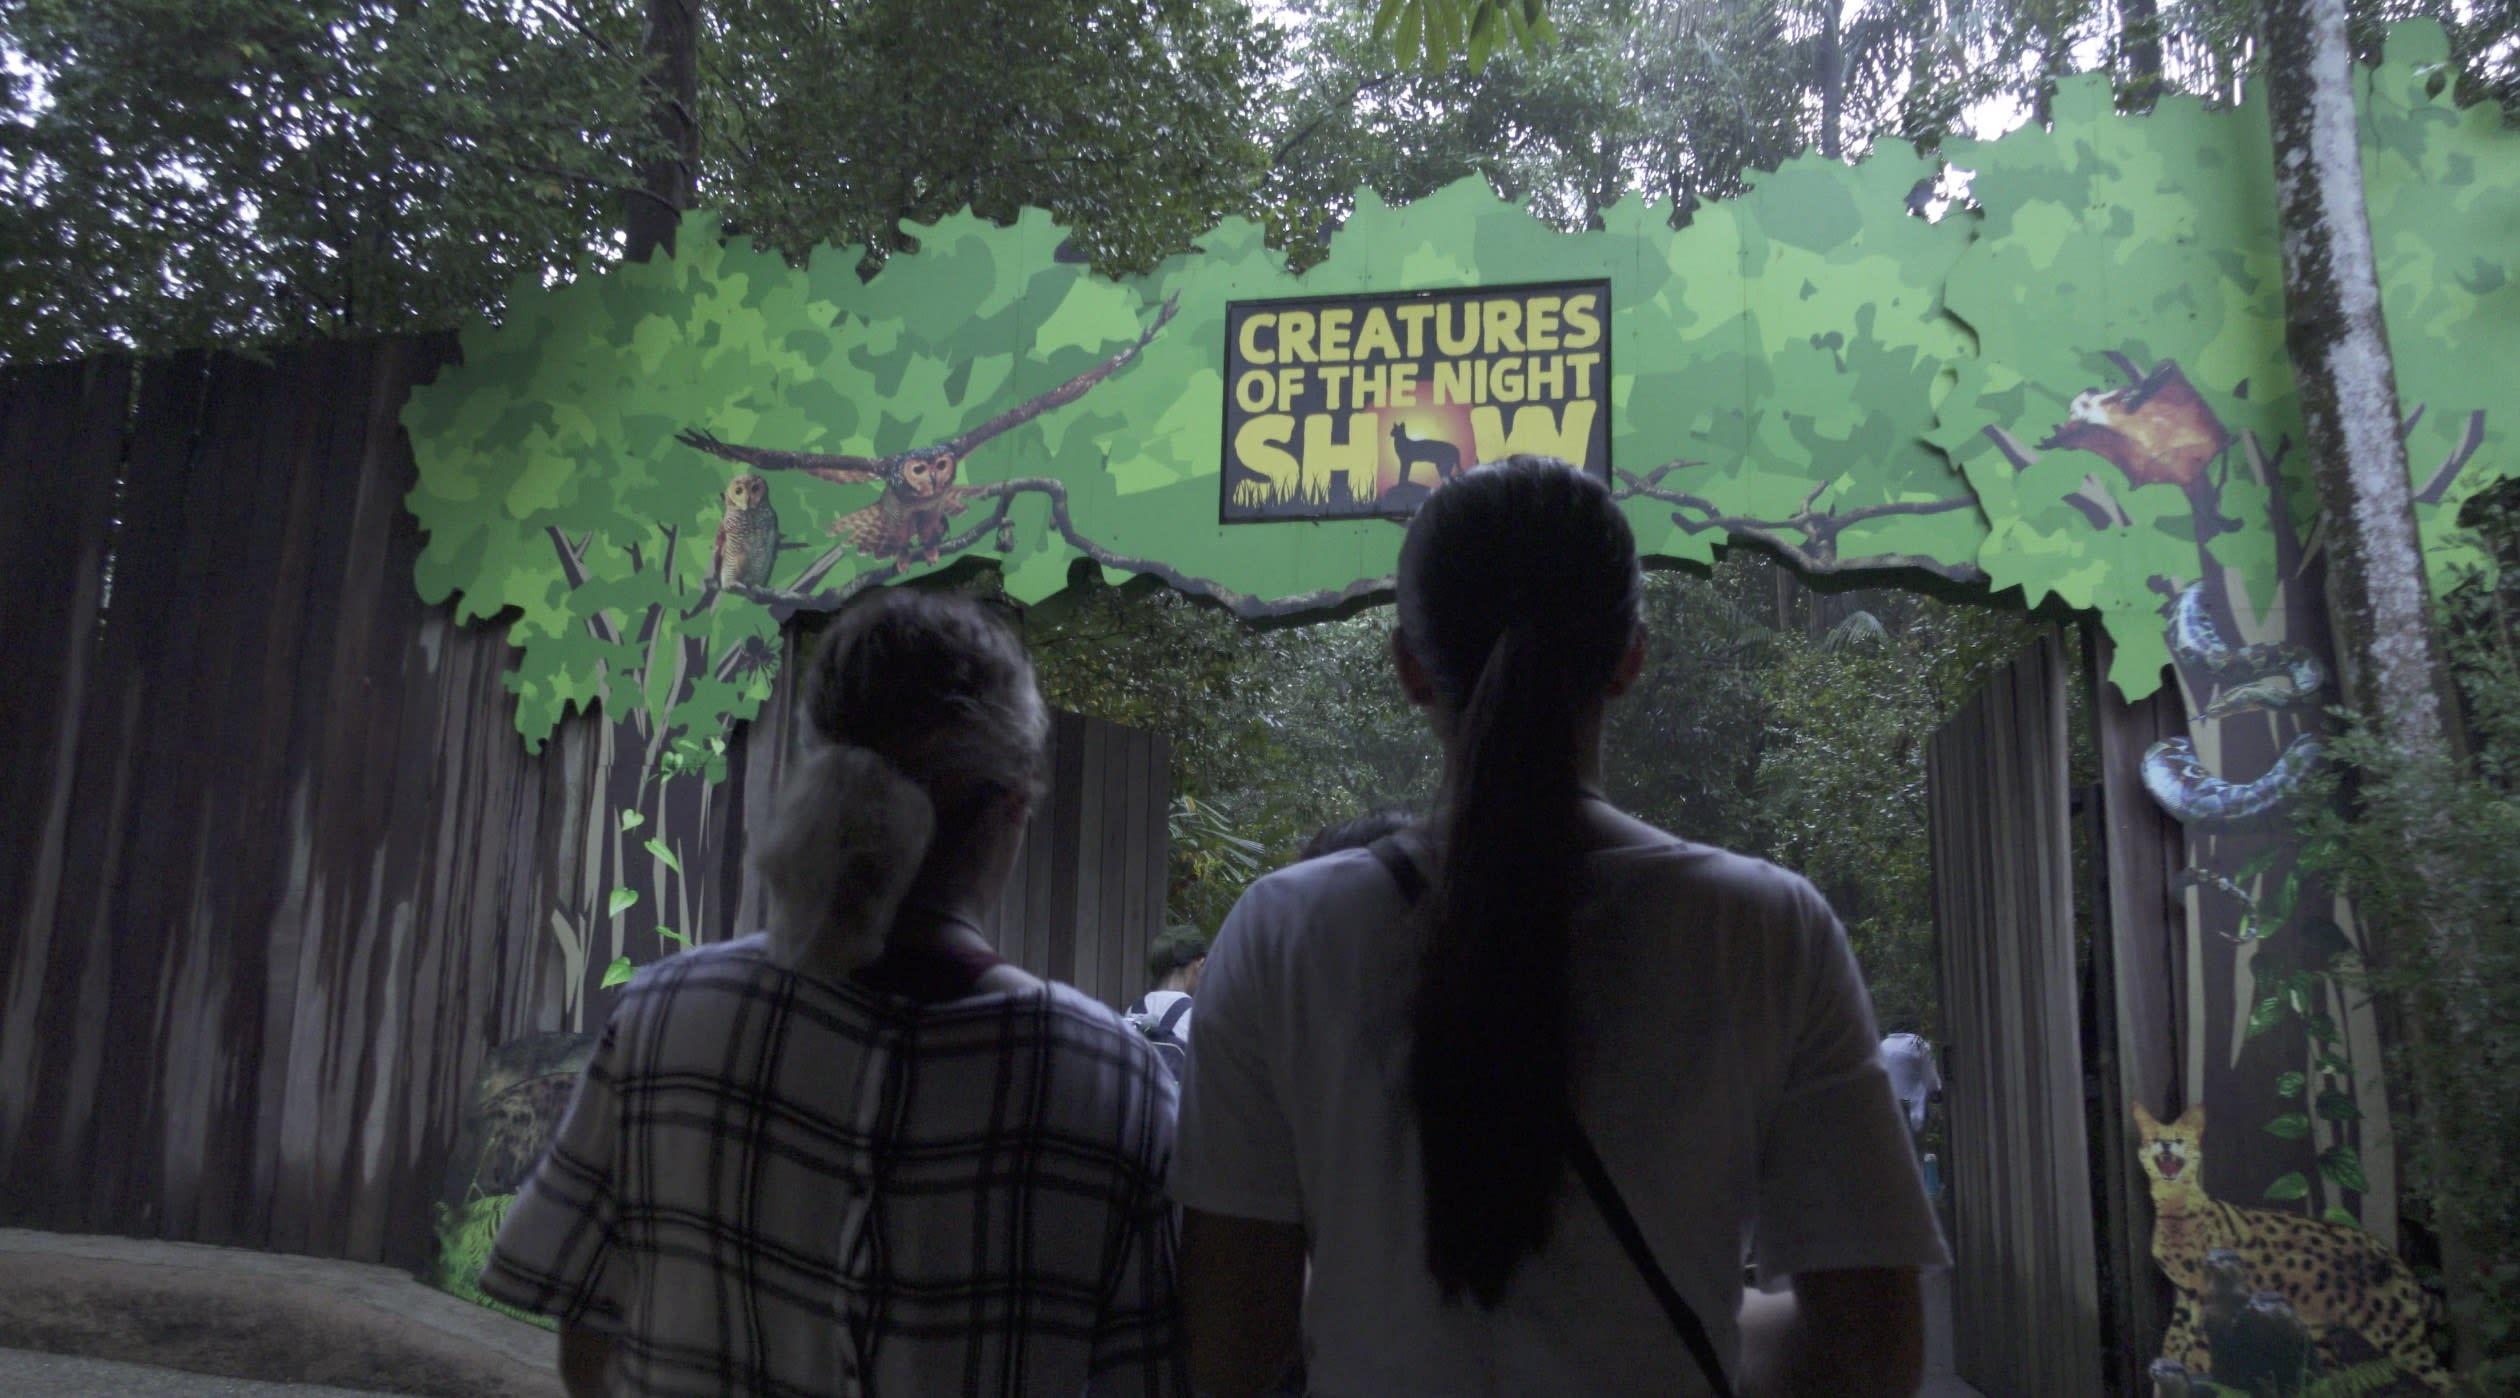 klook singapore gabbi garcia issa pressman night safari